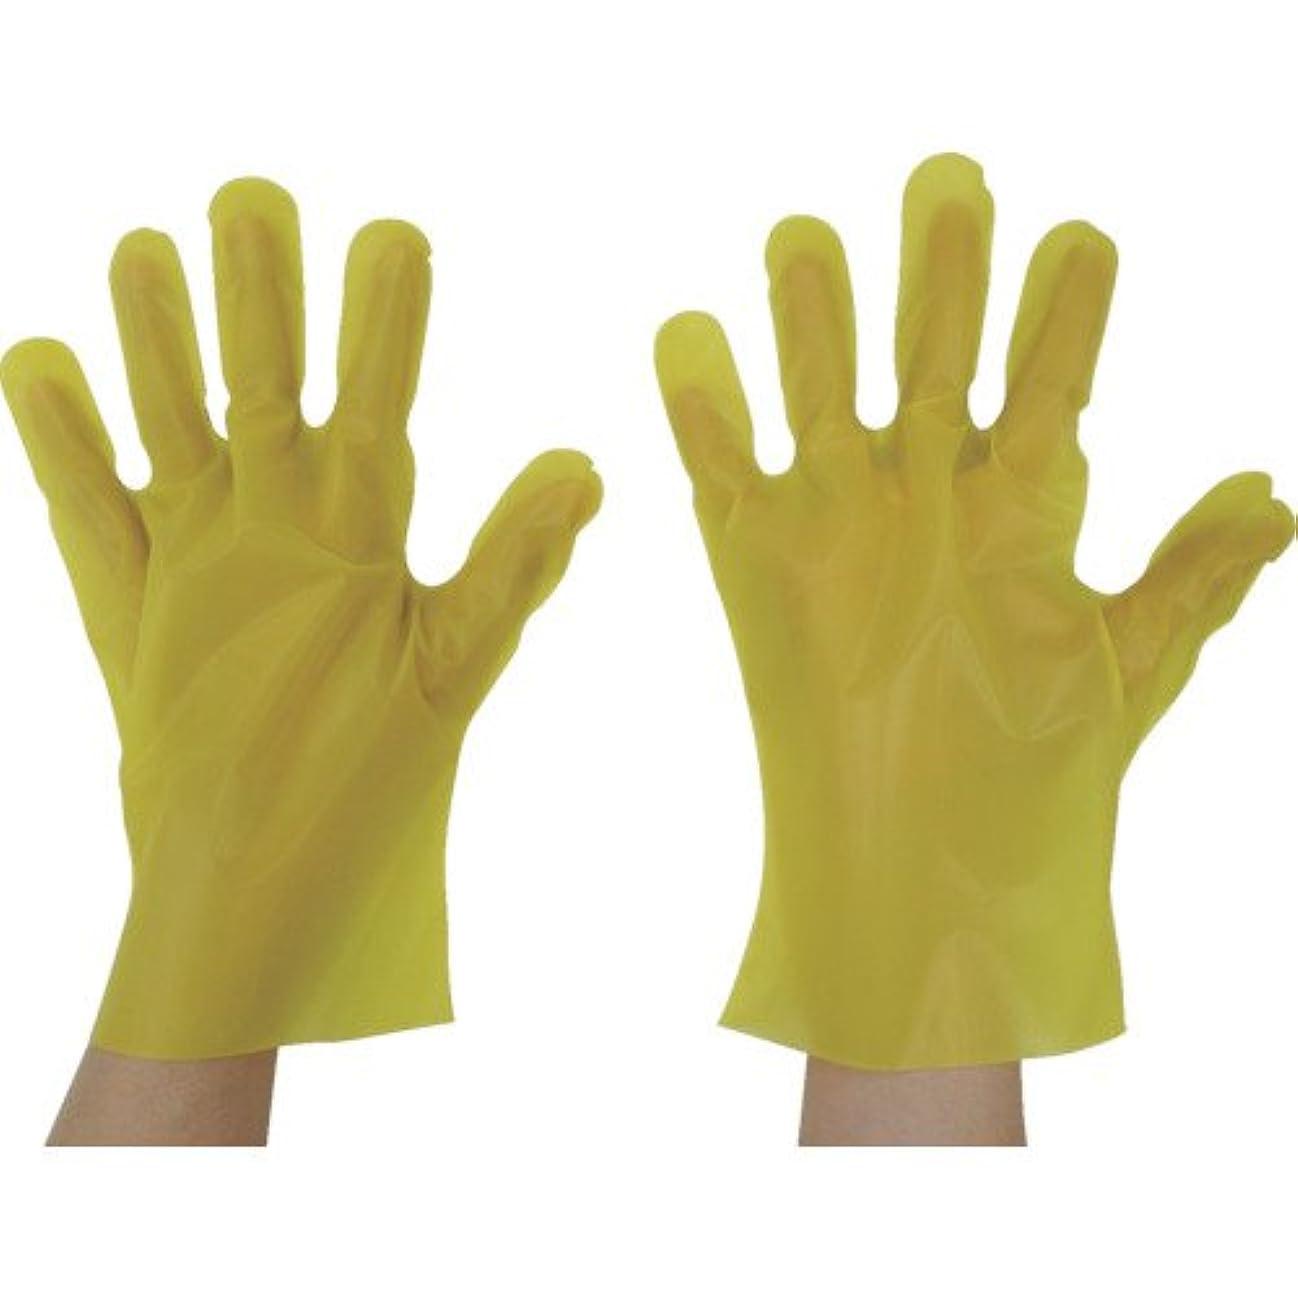 め言葉背の高い増加する東京パック エンボス手袋五本絞りエコノミー化粧箱M イエロー YEK-M